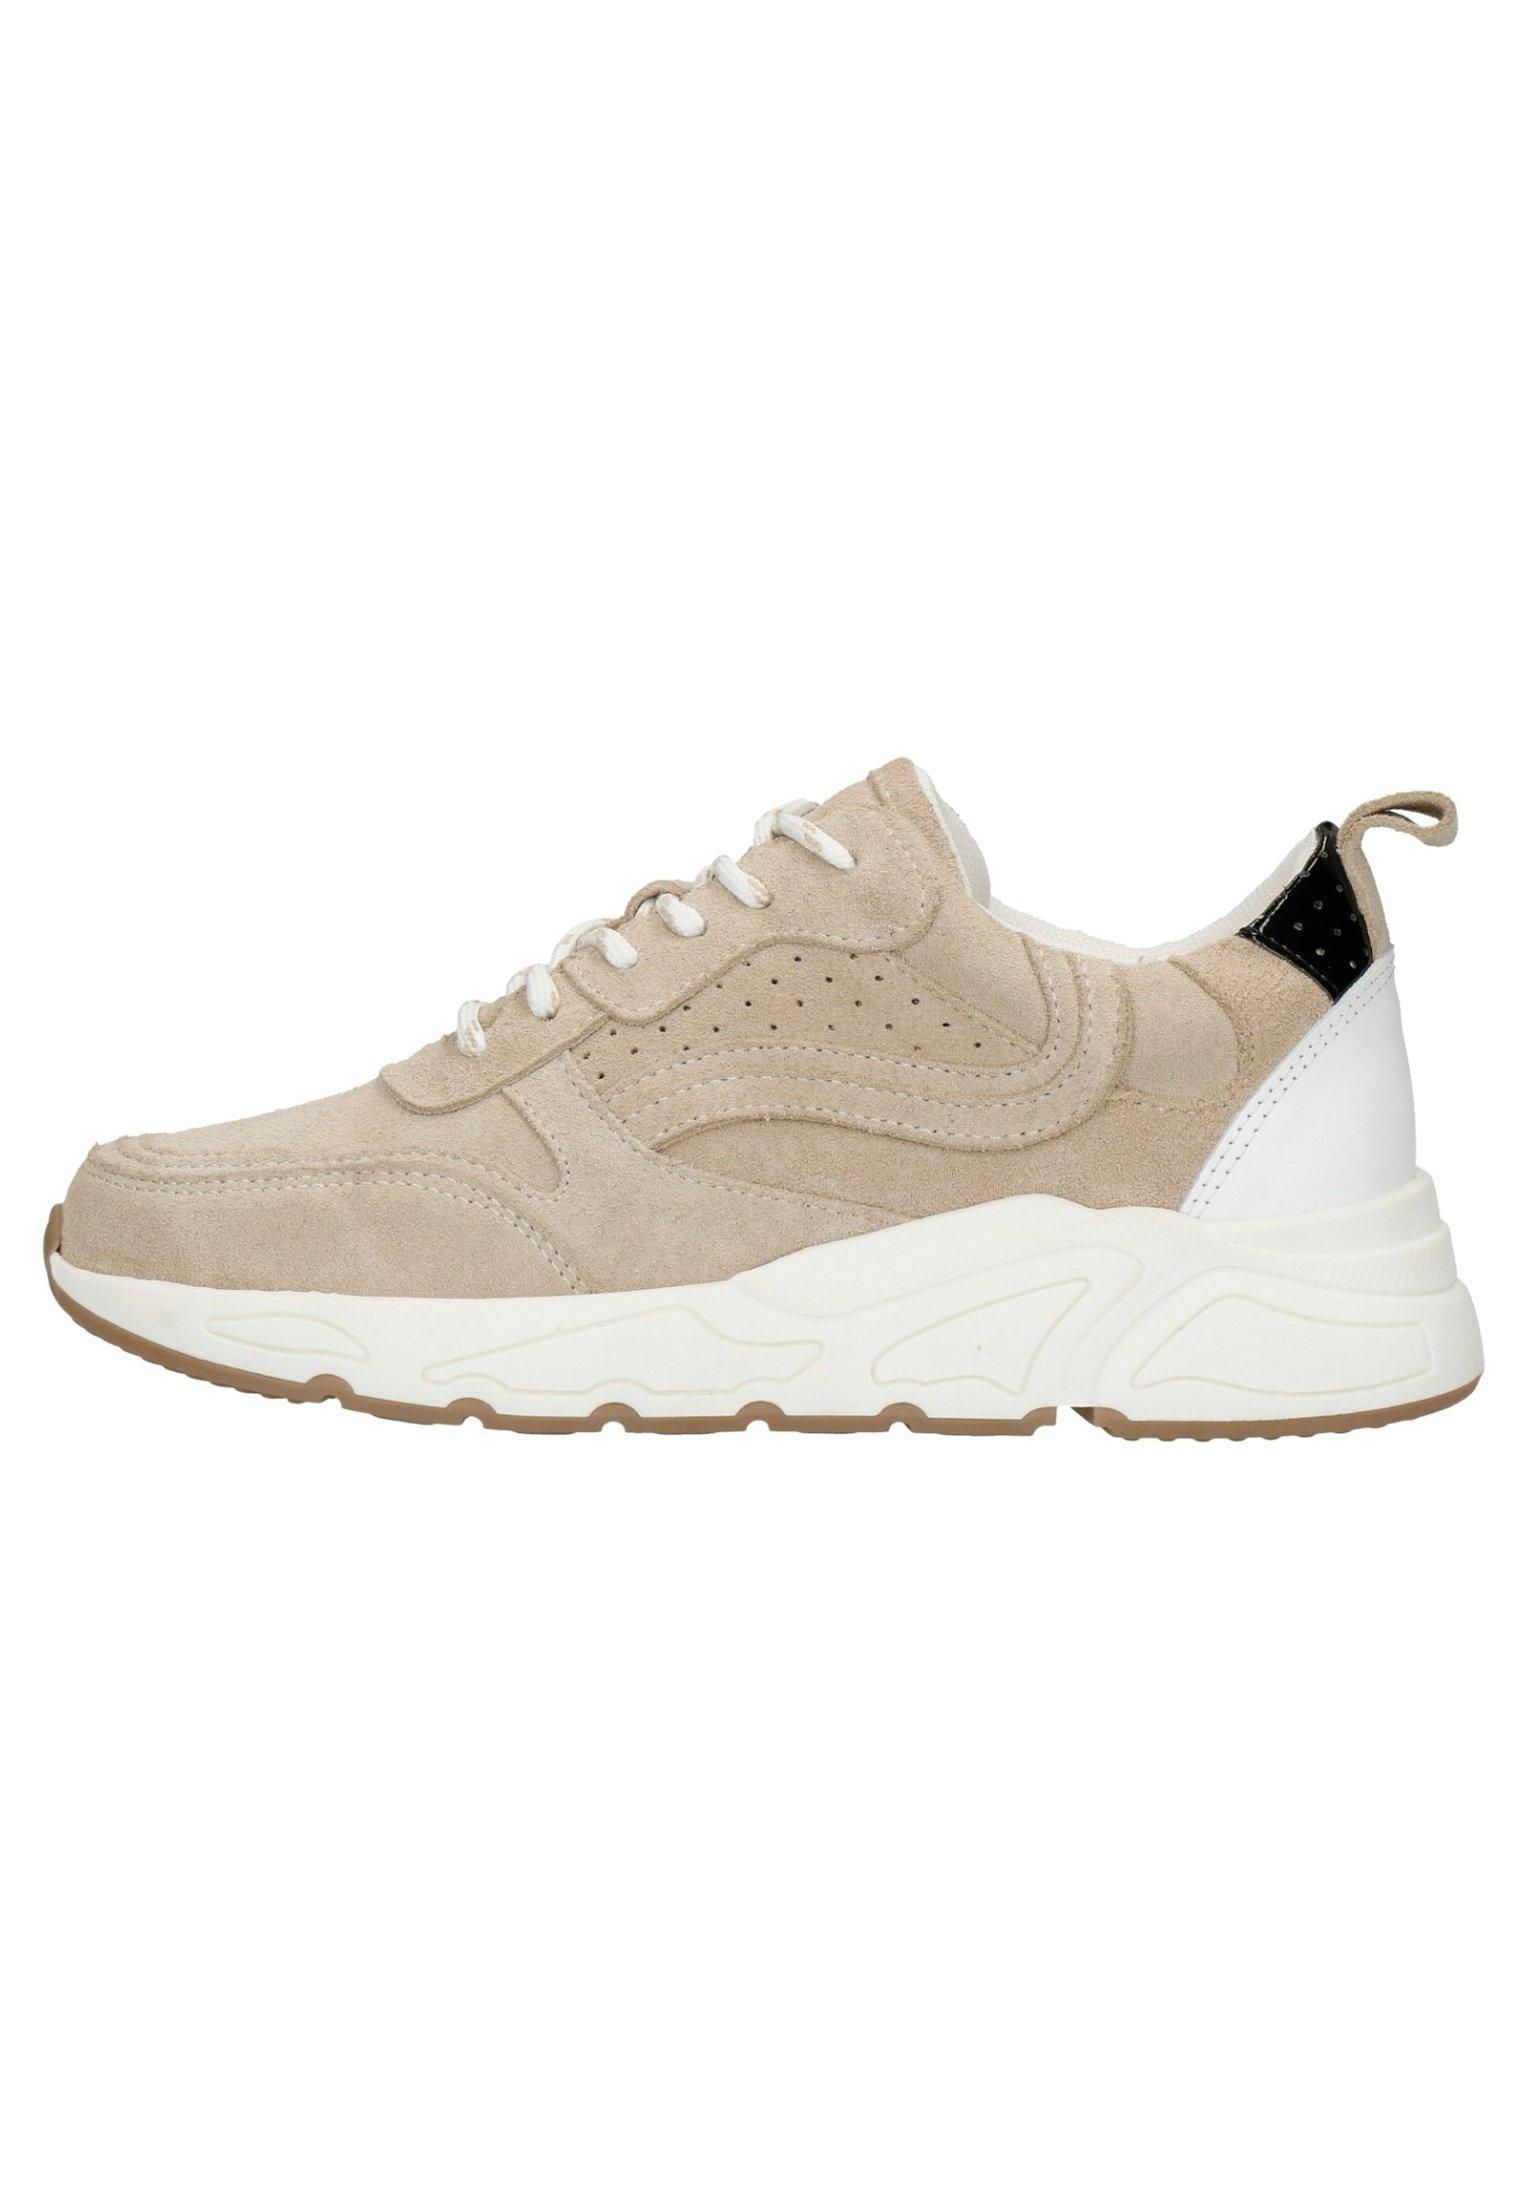 Beige sacha Sneaker für Damen online kaufen   Mach's dir